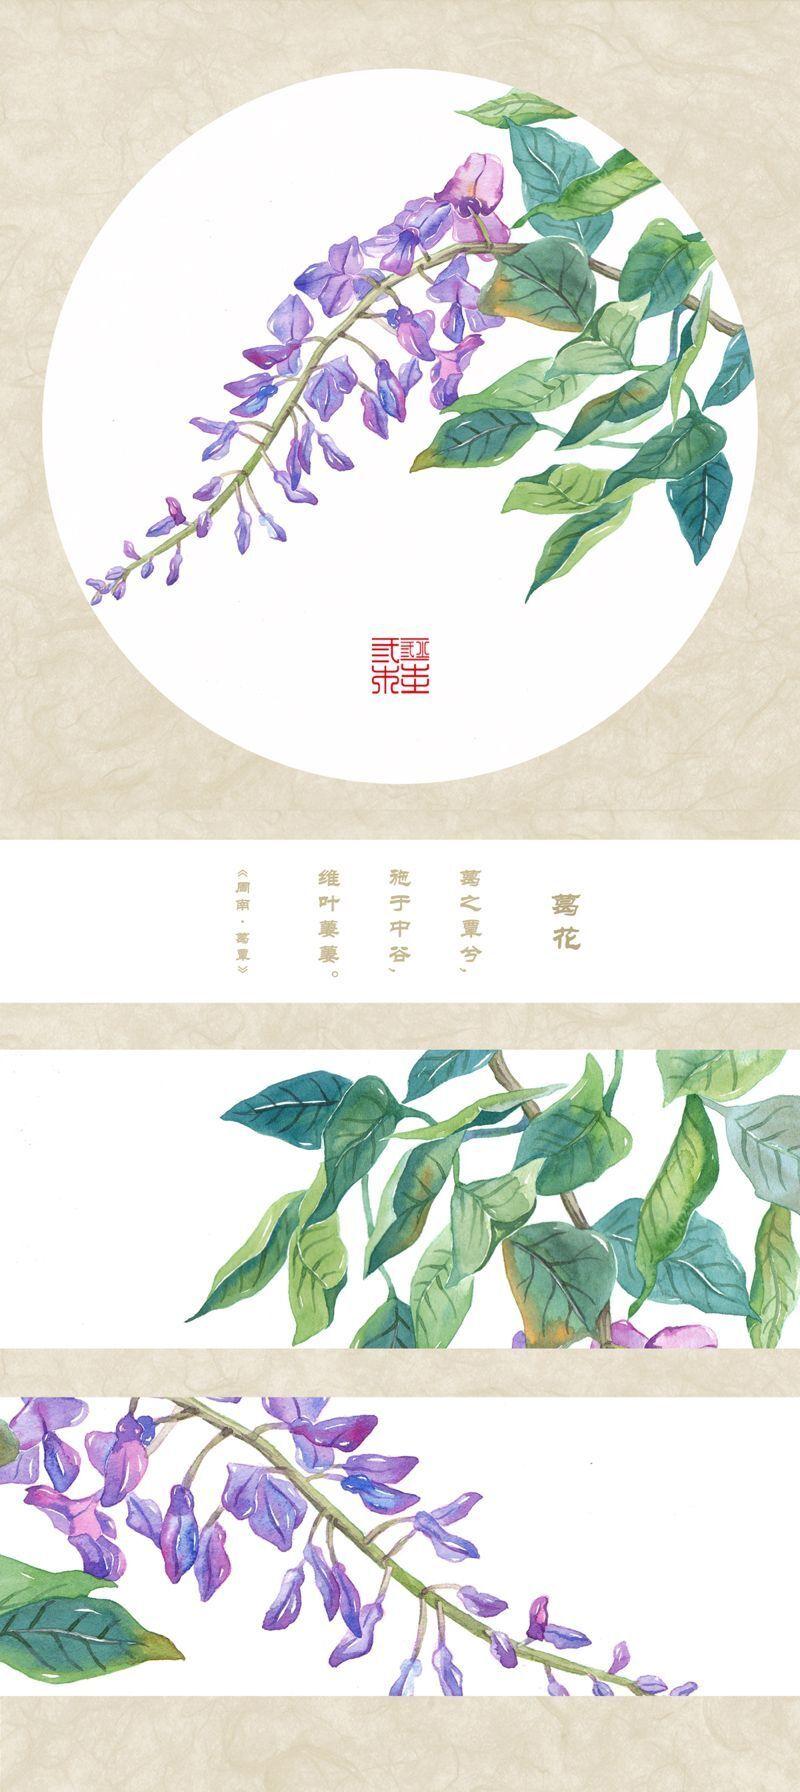 《诗经・草木之葩图录》――葛花